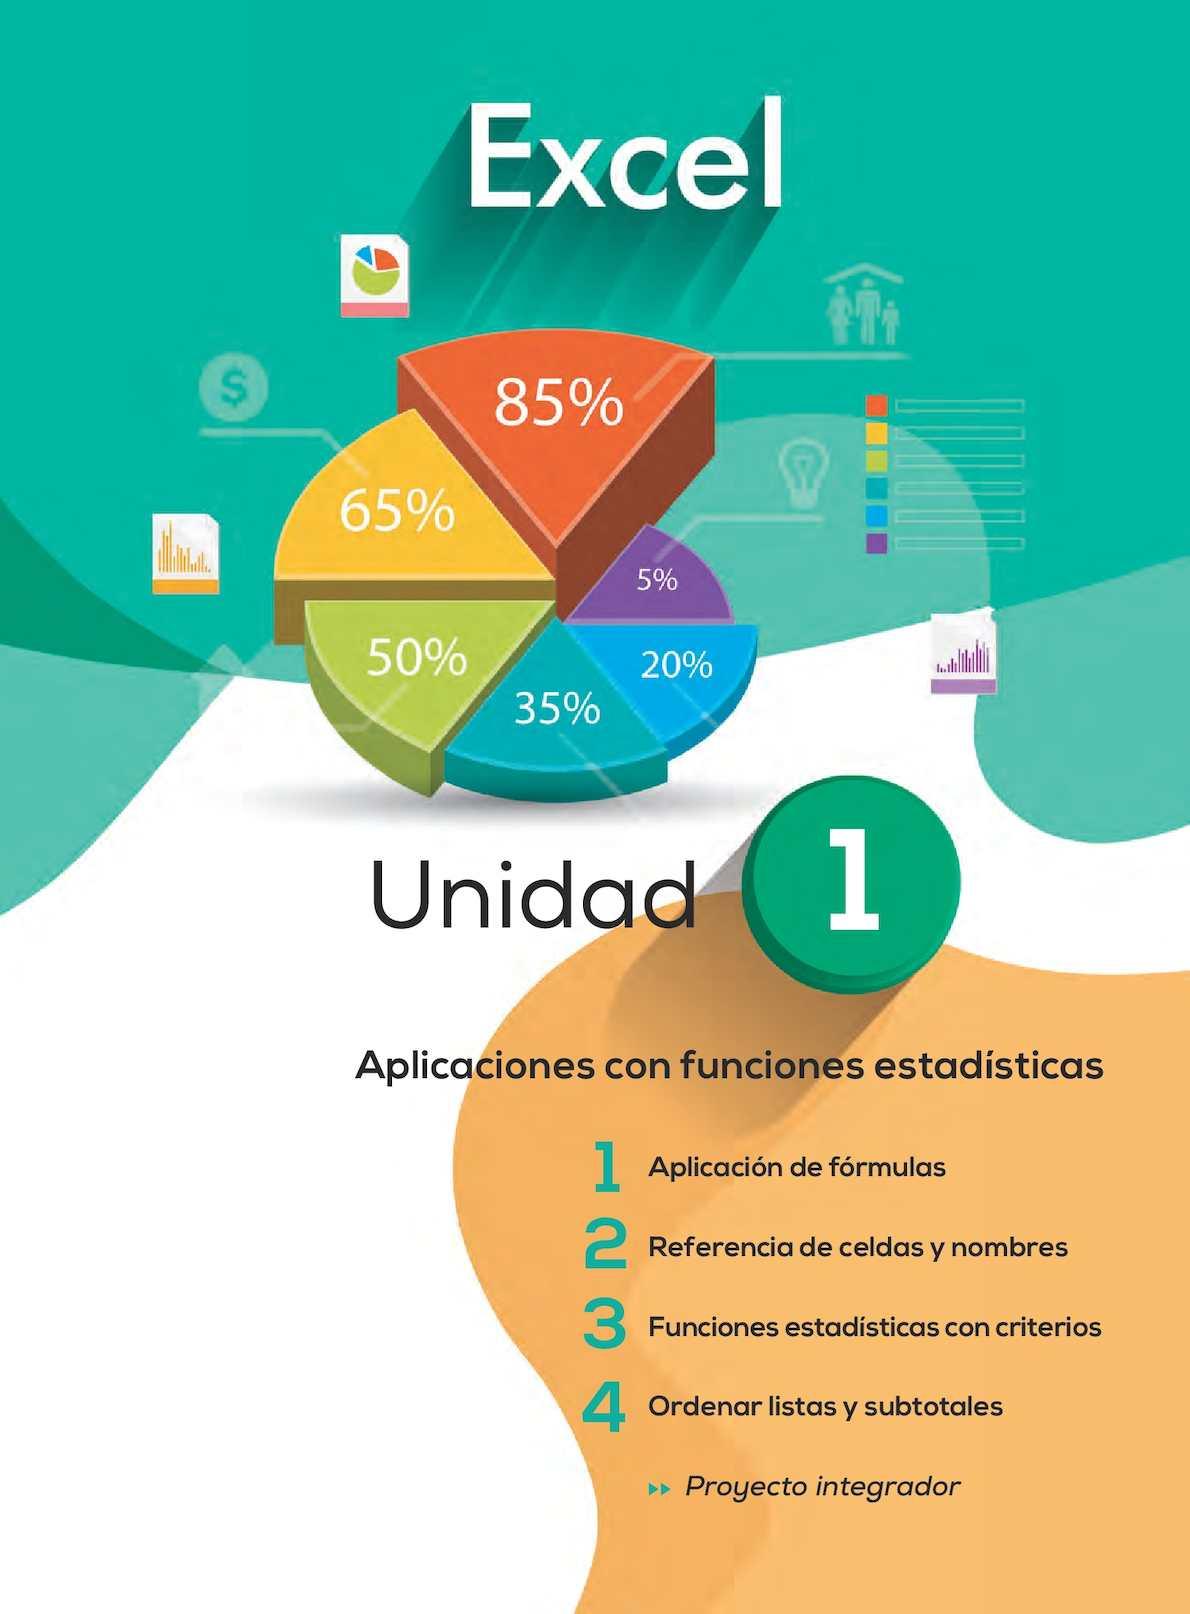 EDI04 EXCEL UNIDAD1 CDT